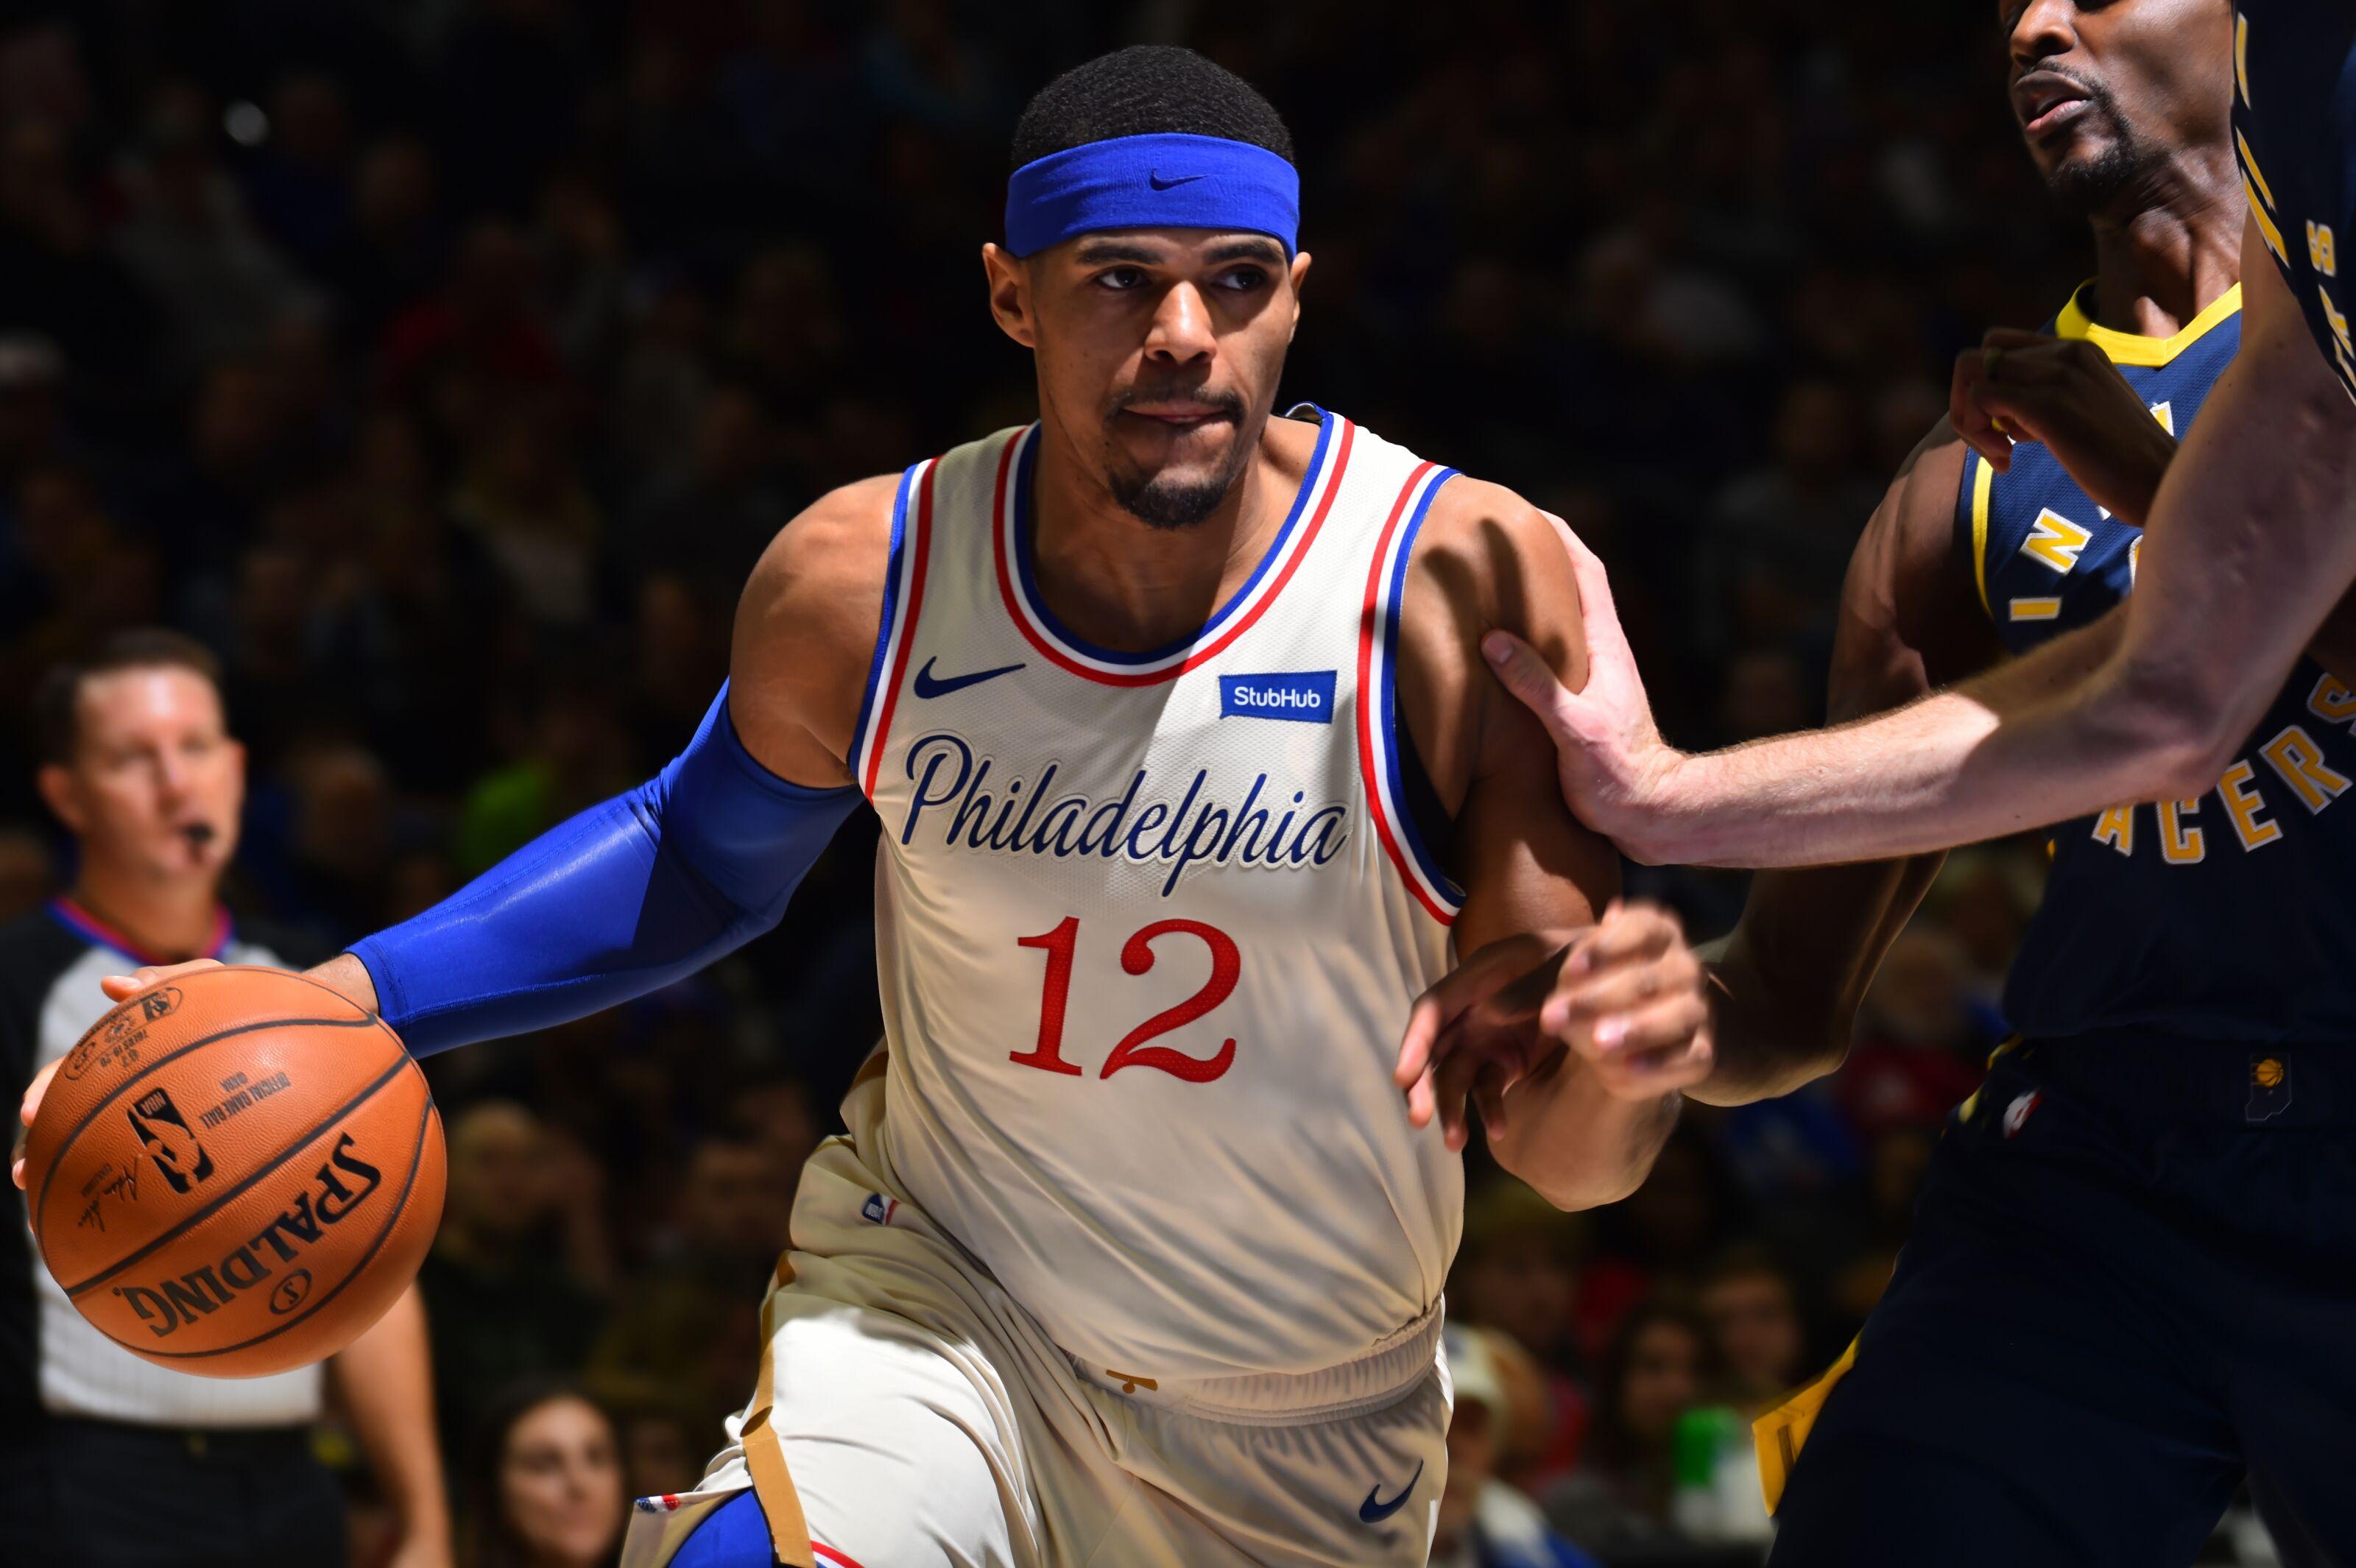 Philadelphia 76ers: Tobias Harris has quieted his critics